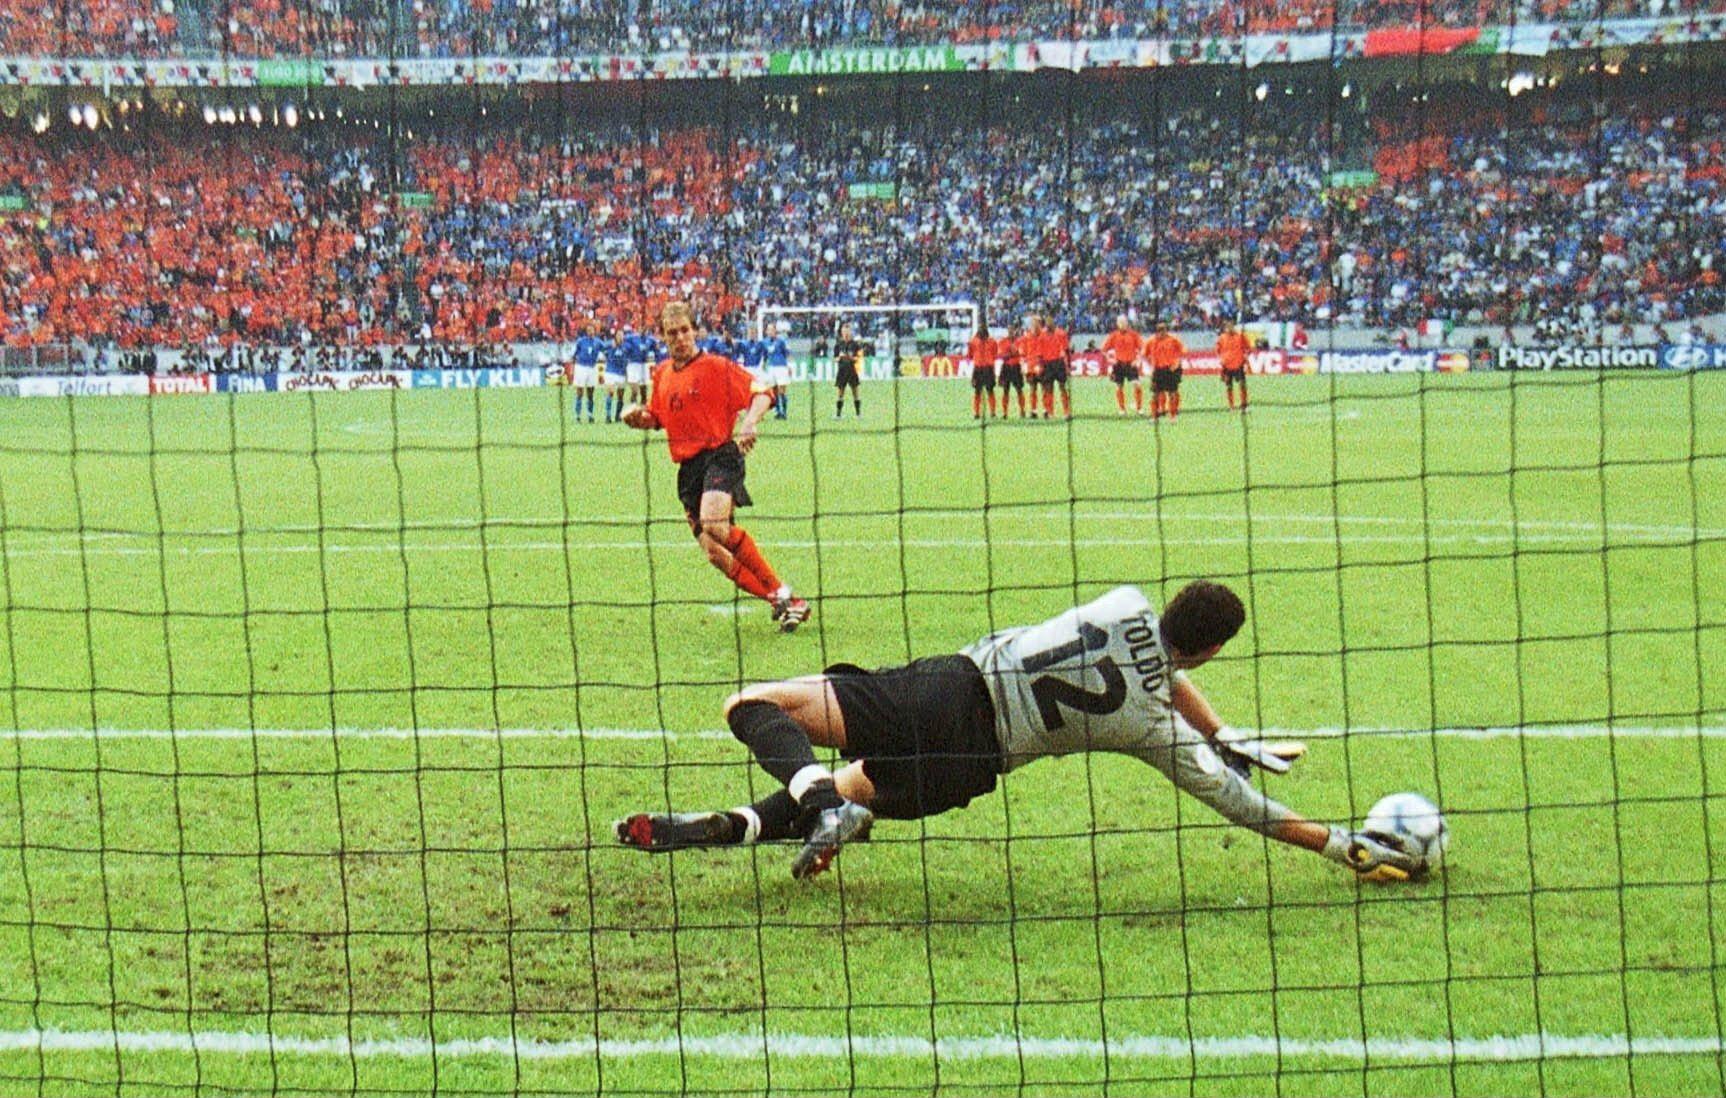 Coloriage Football Gardien.Coloriage Foot Penalty A Imprimer Et Colorier